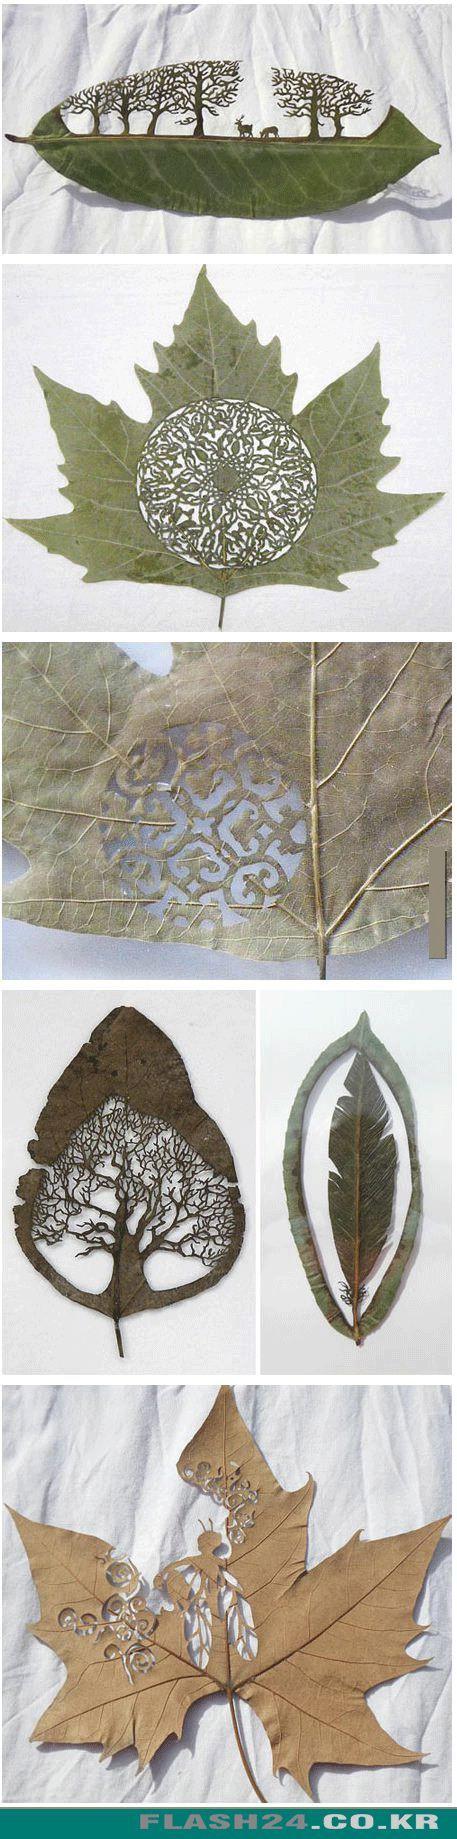 나뭇잎 아트.jpg